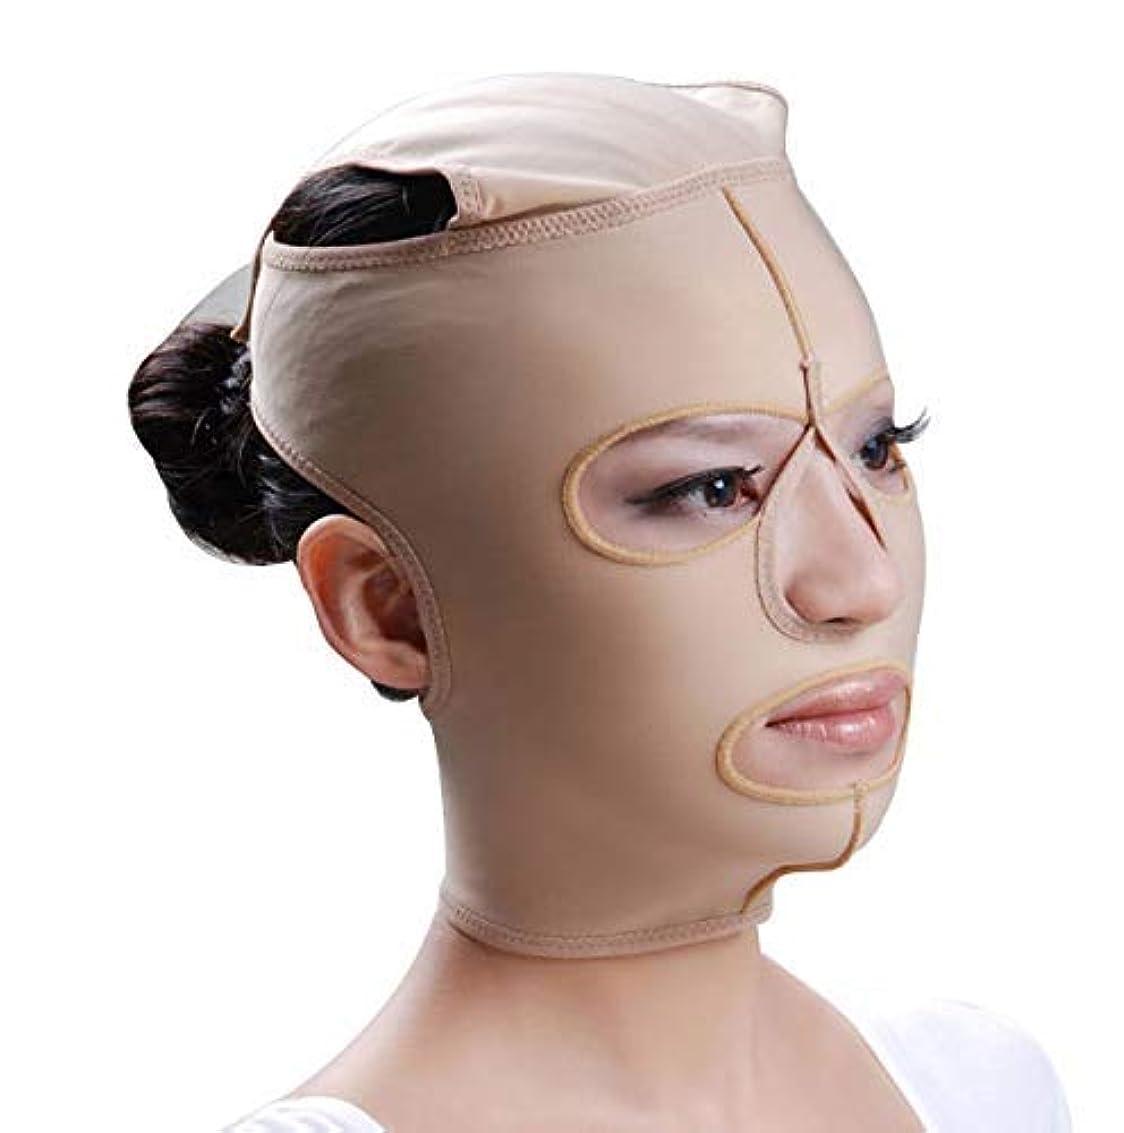 含む旅行者なぞらえるファーミングフェイスマスク、フェイシャルマスクエラスティックフェイスリフティングリフティングファーミングパターンマイクロフィニッシングポストモデリングコンプレッションフェイスマスク(サイズ:S),S